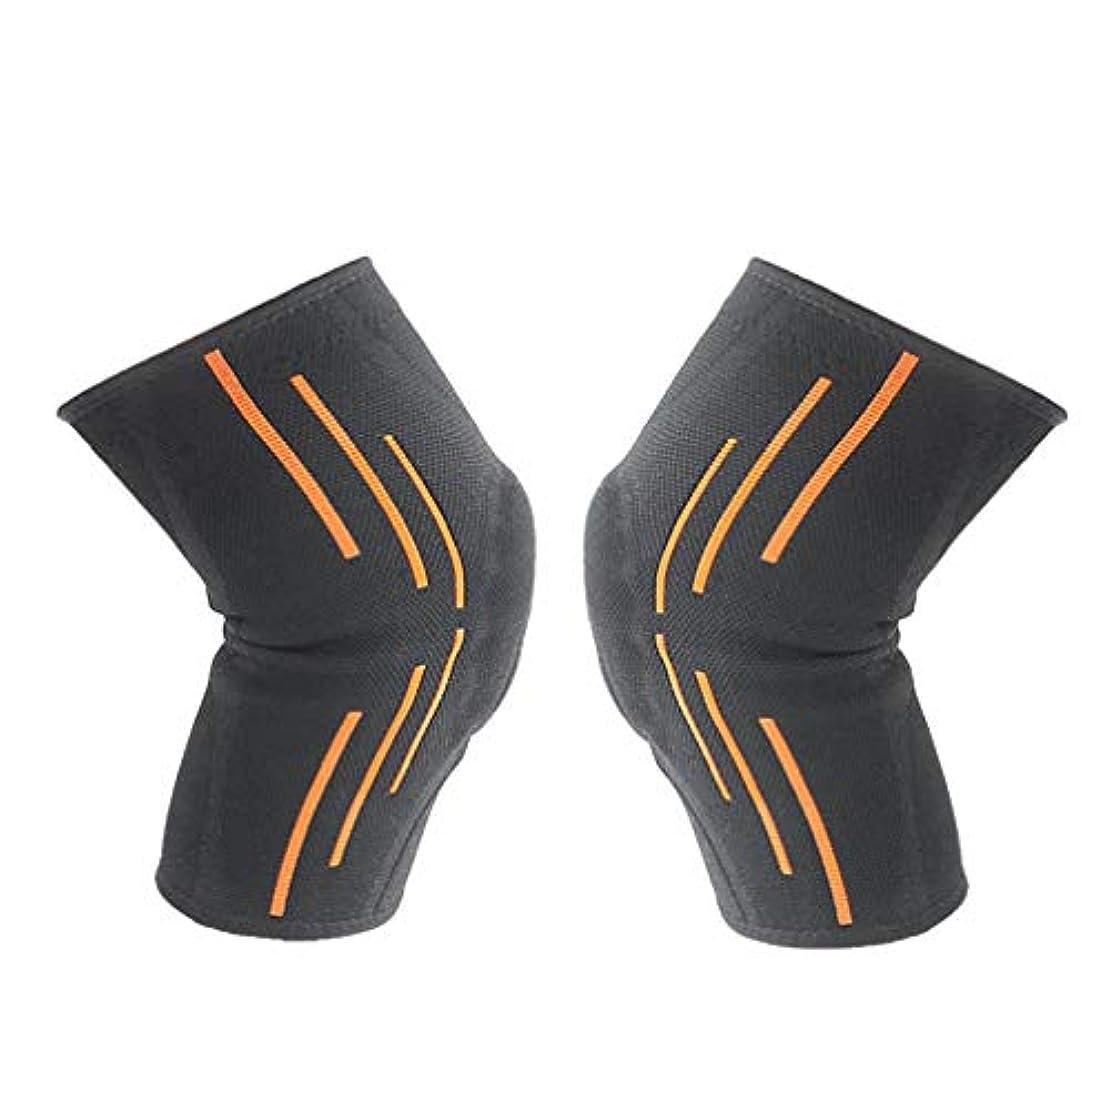 メーター補足セメント柔らかい滑り止めのシリコーンの男性の女性の大人の膝パッドはバスケボールを防ぎます-Rustle666